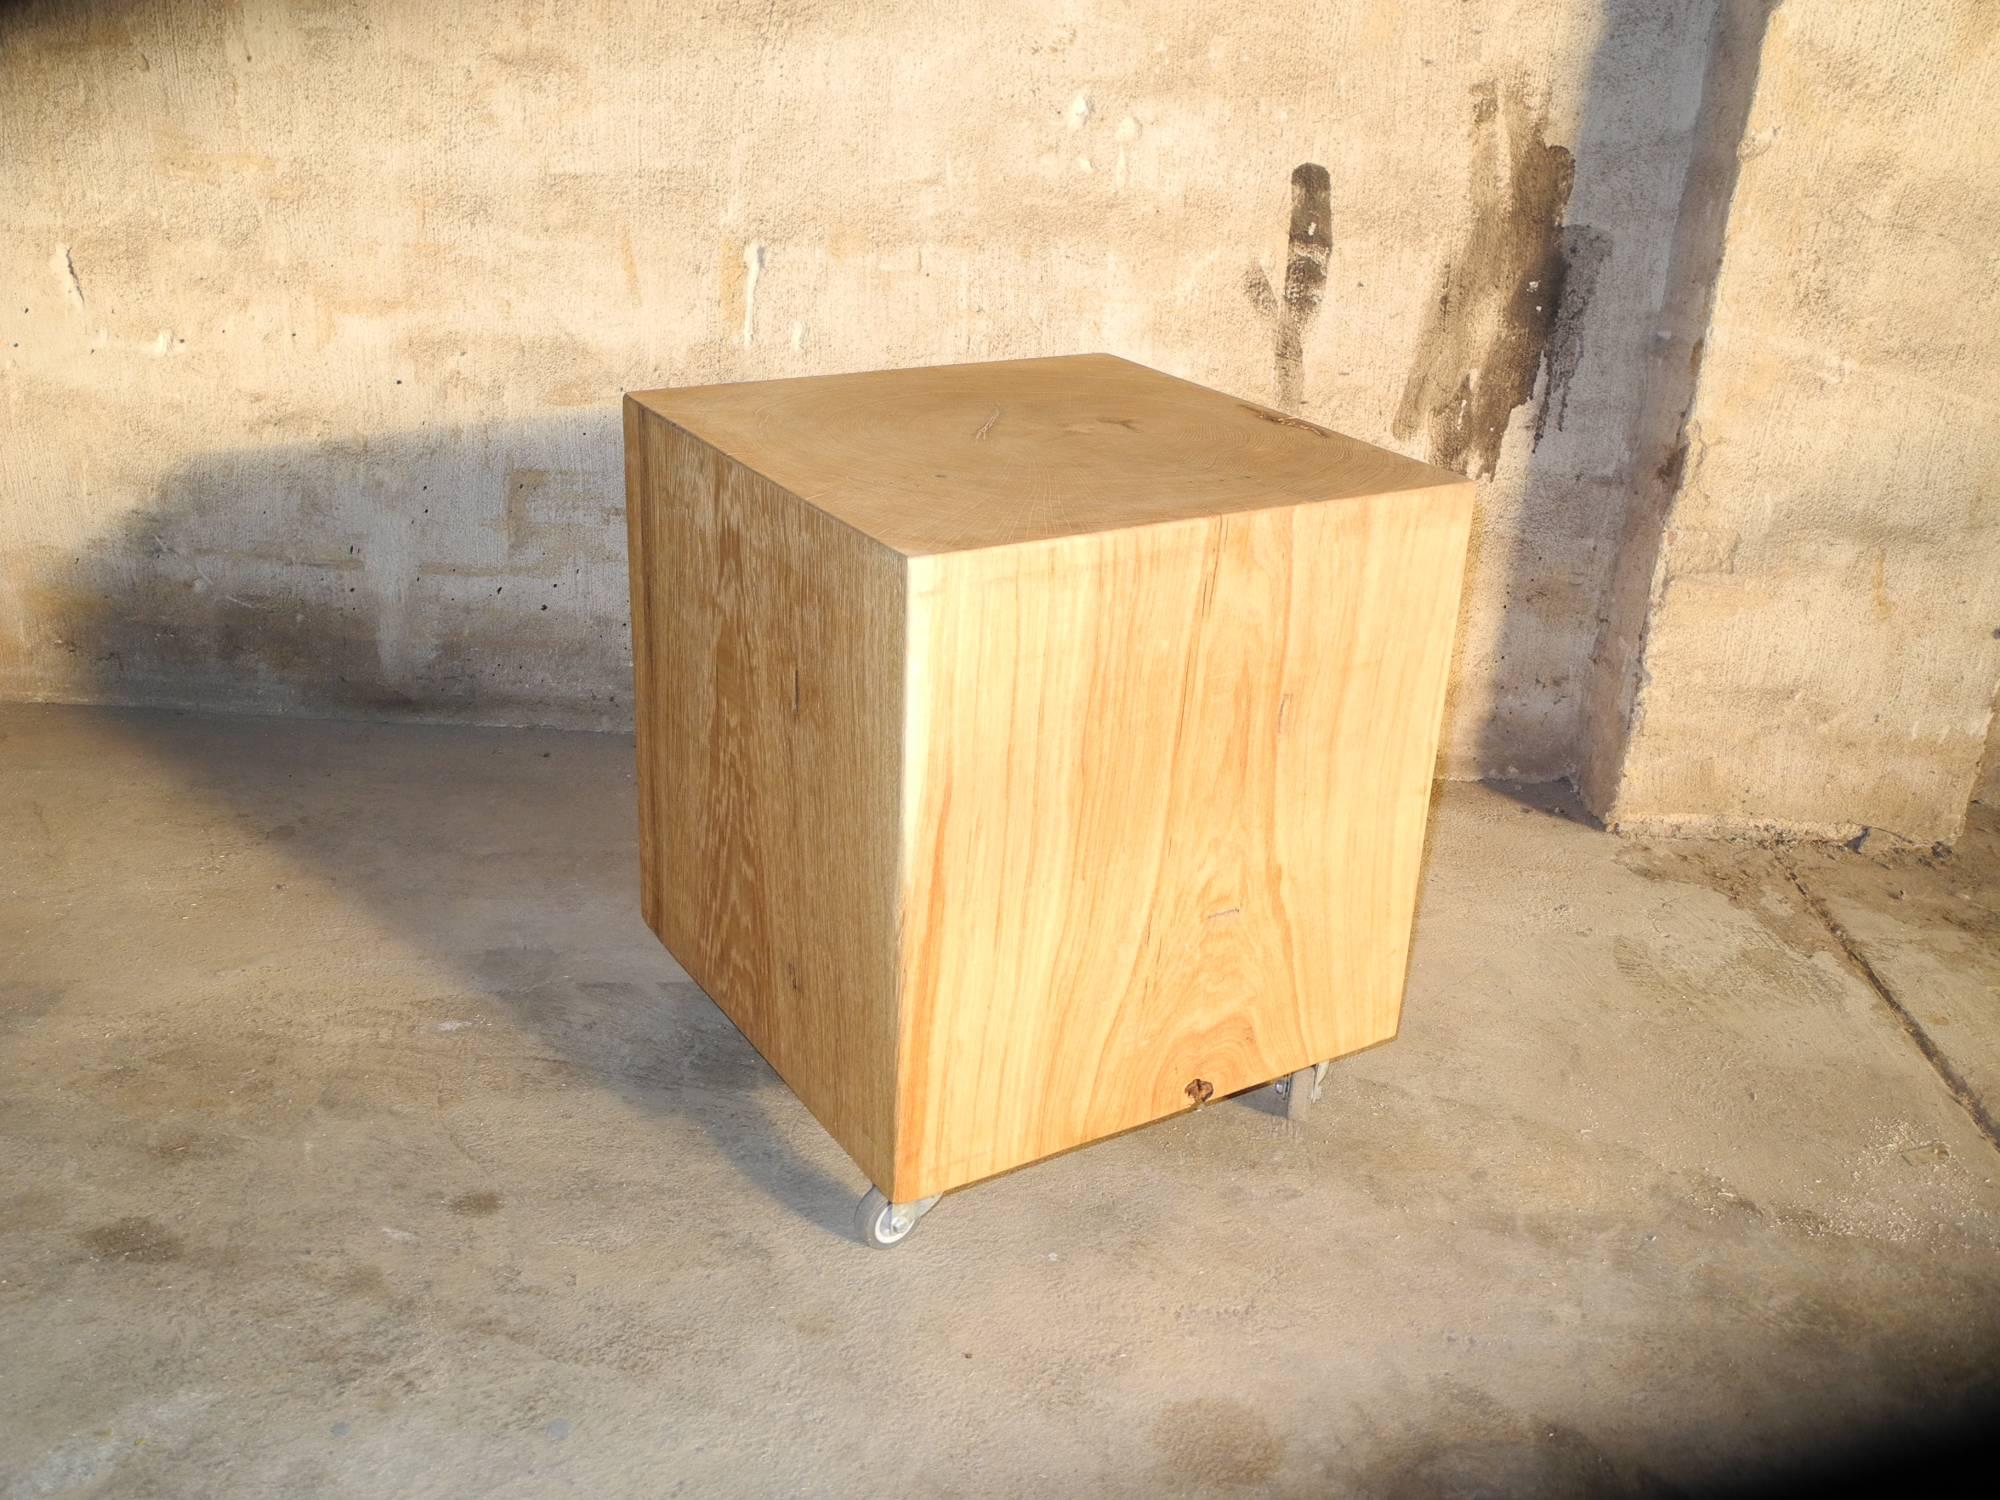 massiver eichen holzhocker. Black Bedroom Furniture Sets. Home Design Ideas